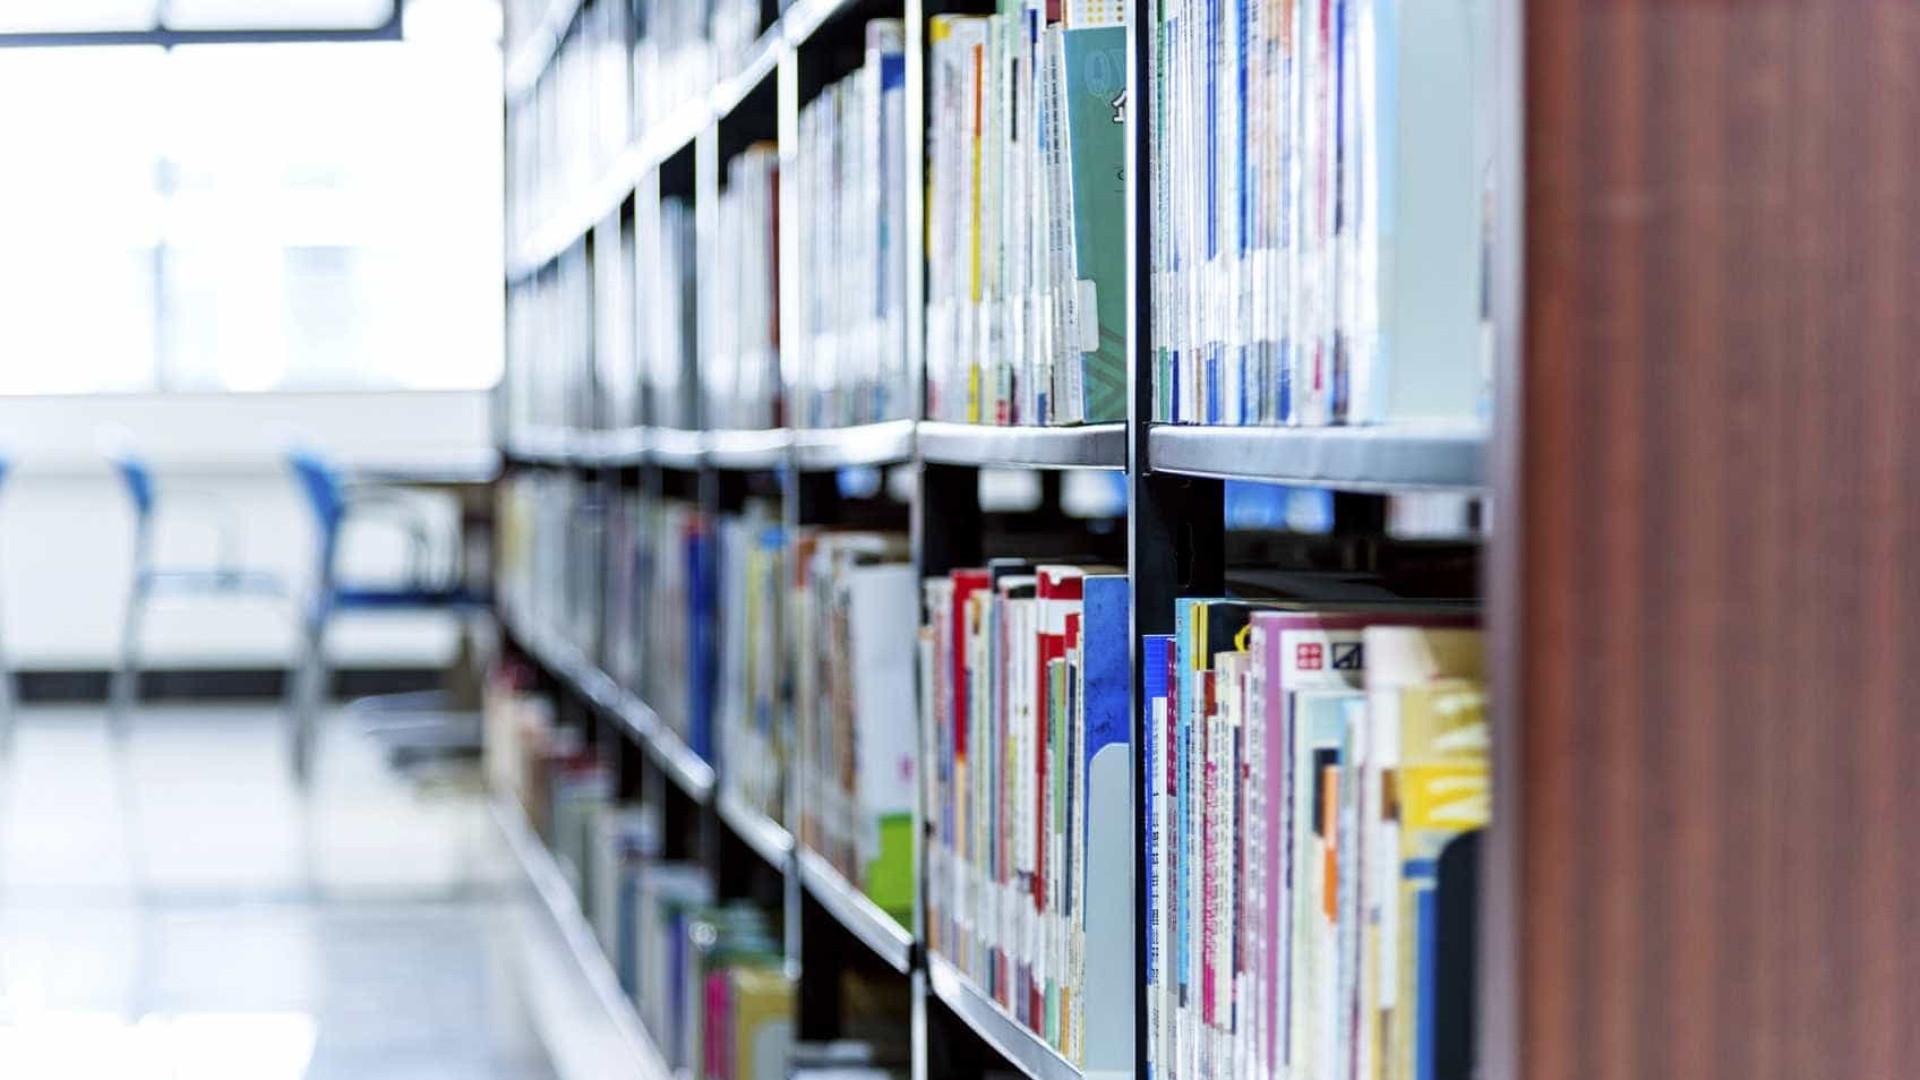 Nova rede de investigação vai estudar papel social das bibliotecas